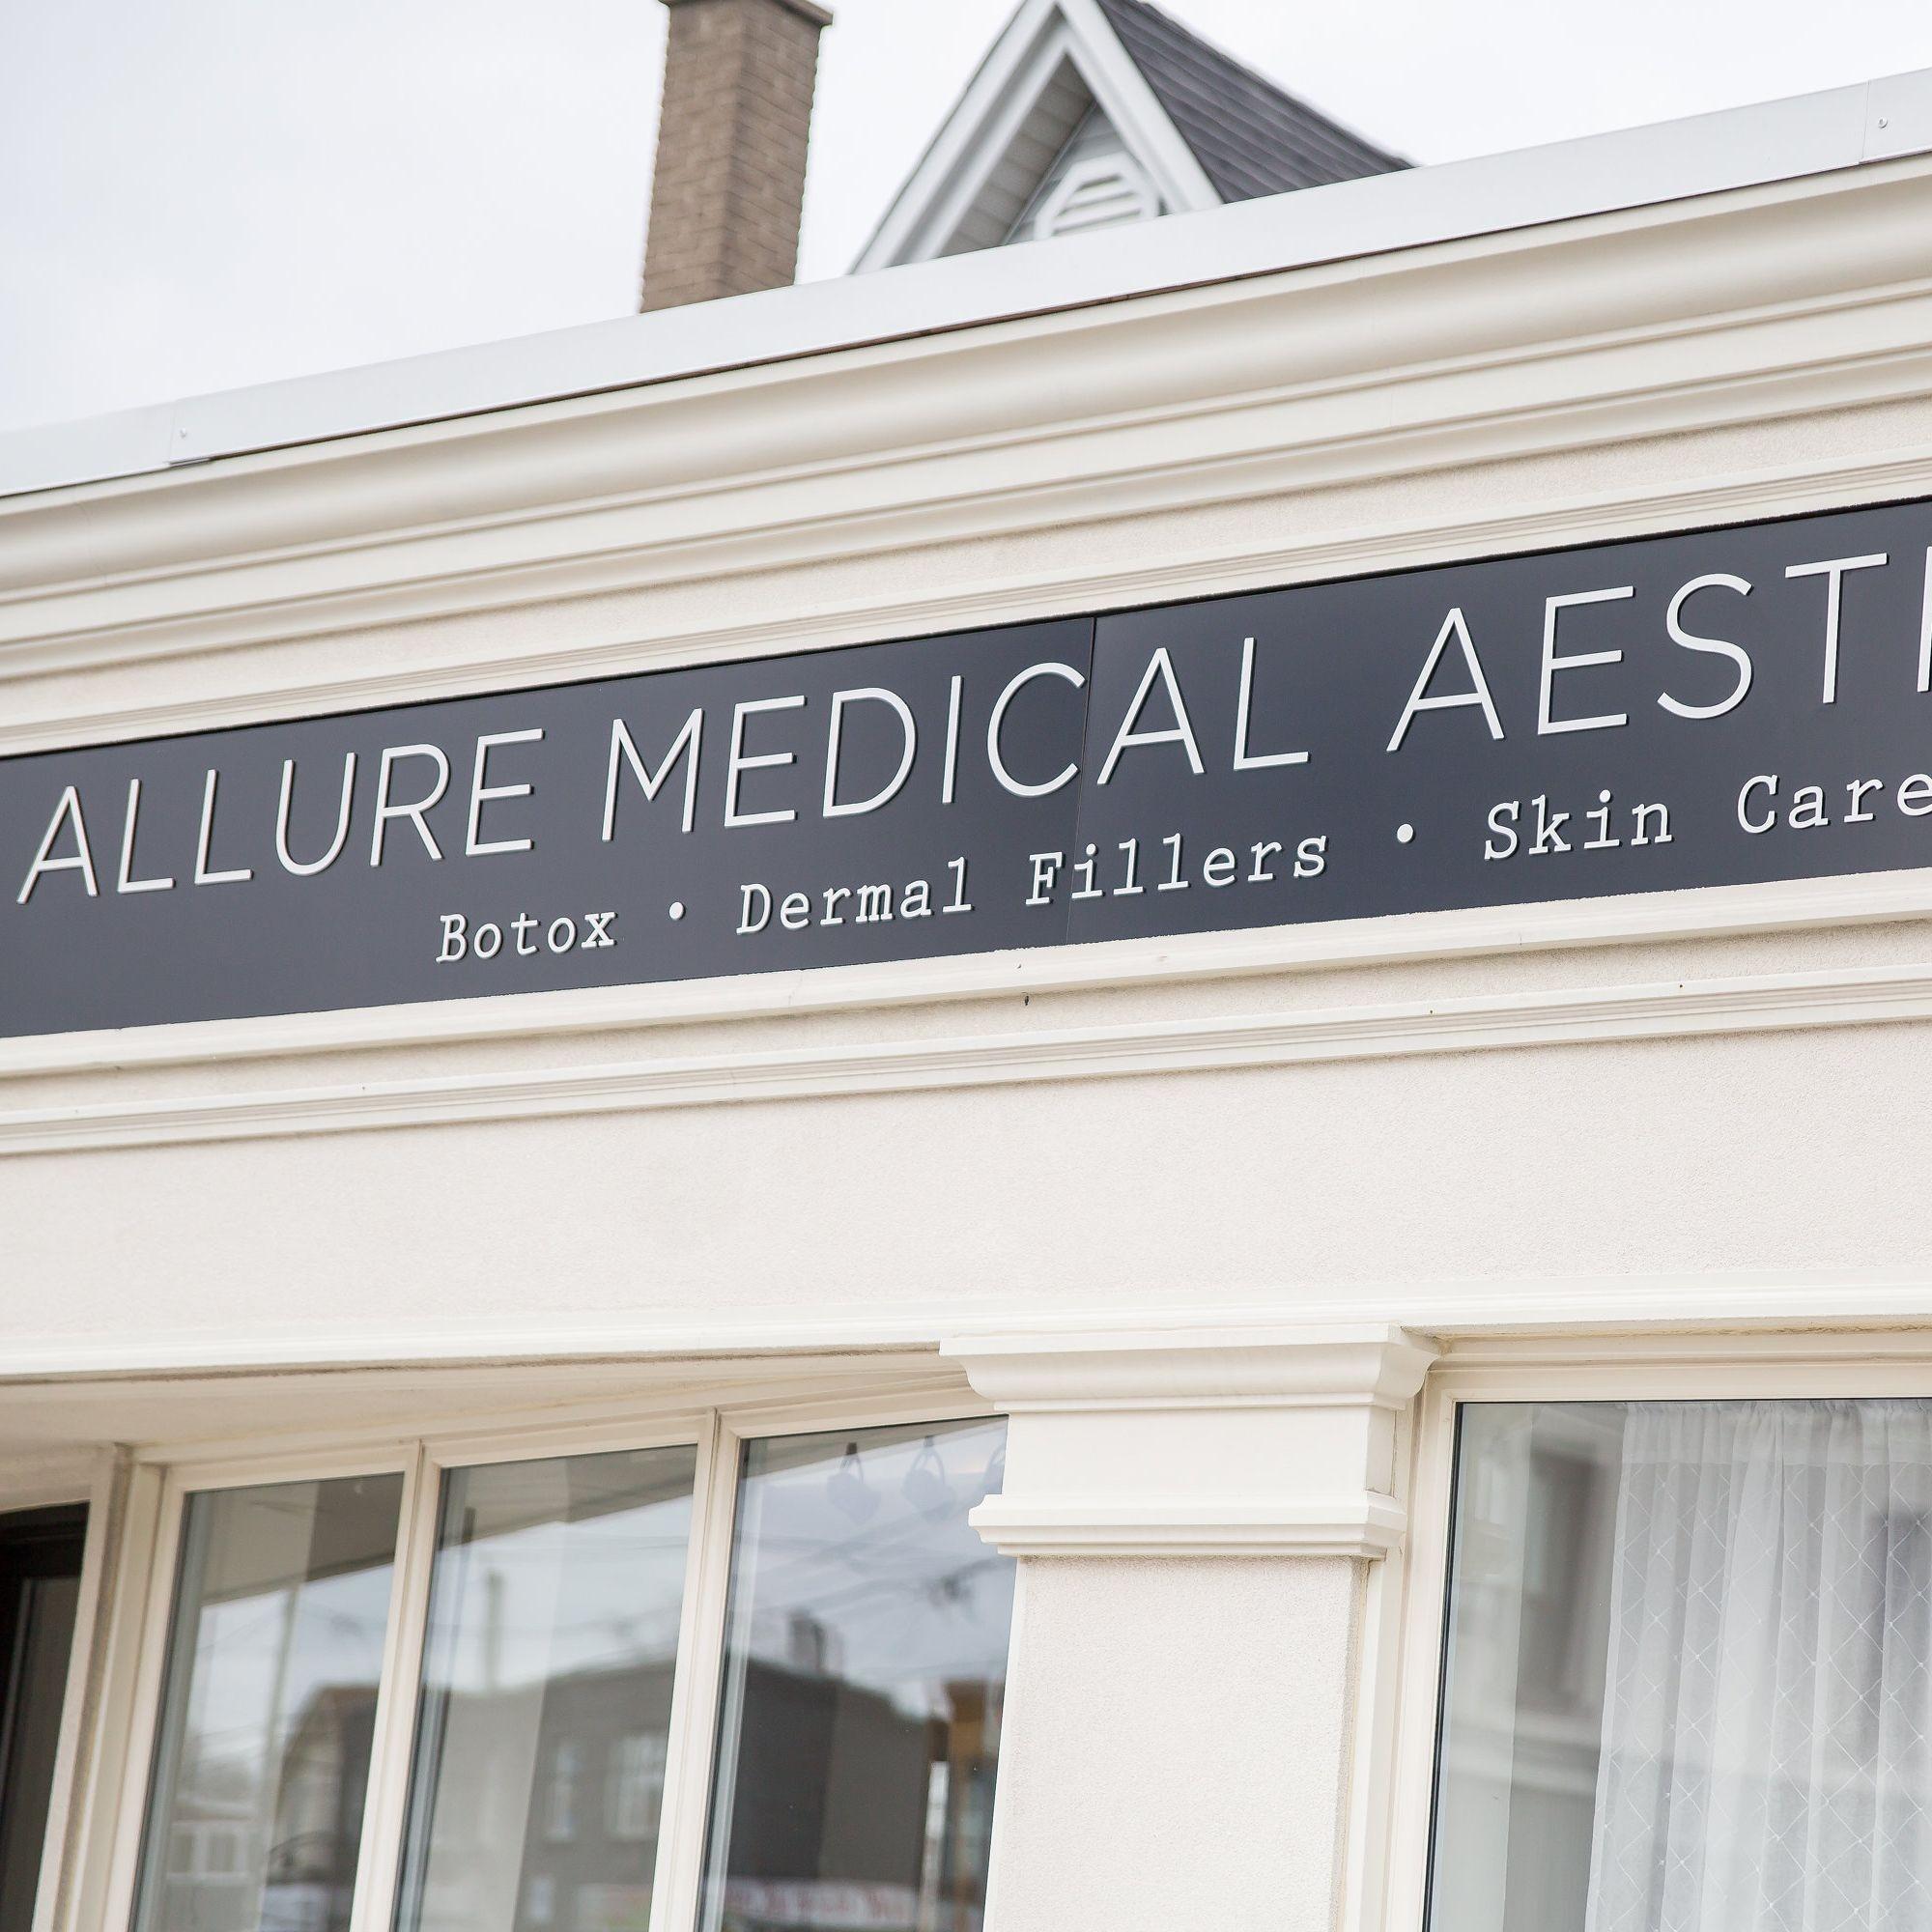 Allure Medical Aesthetics